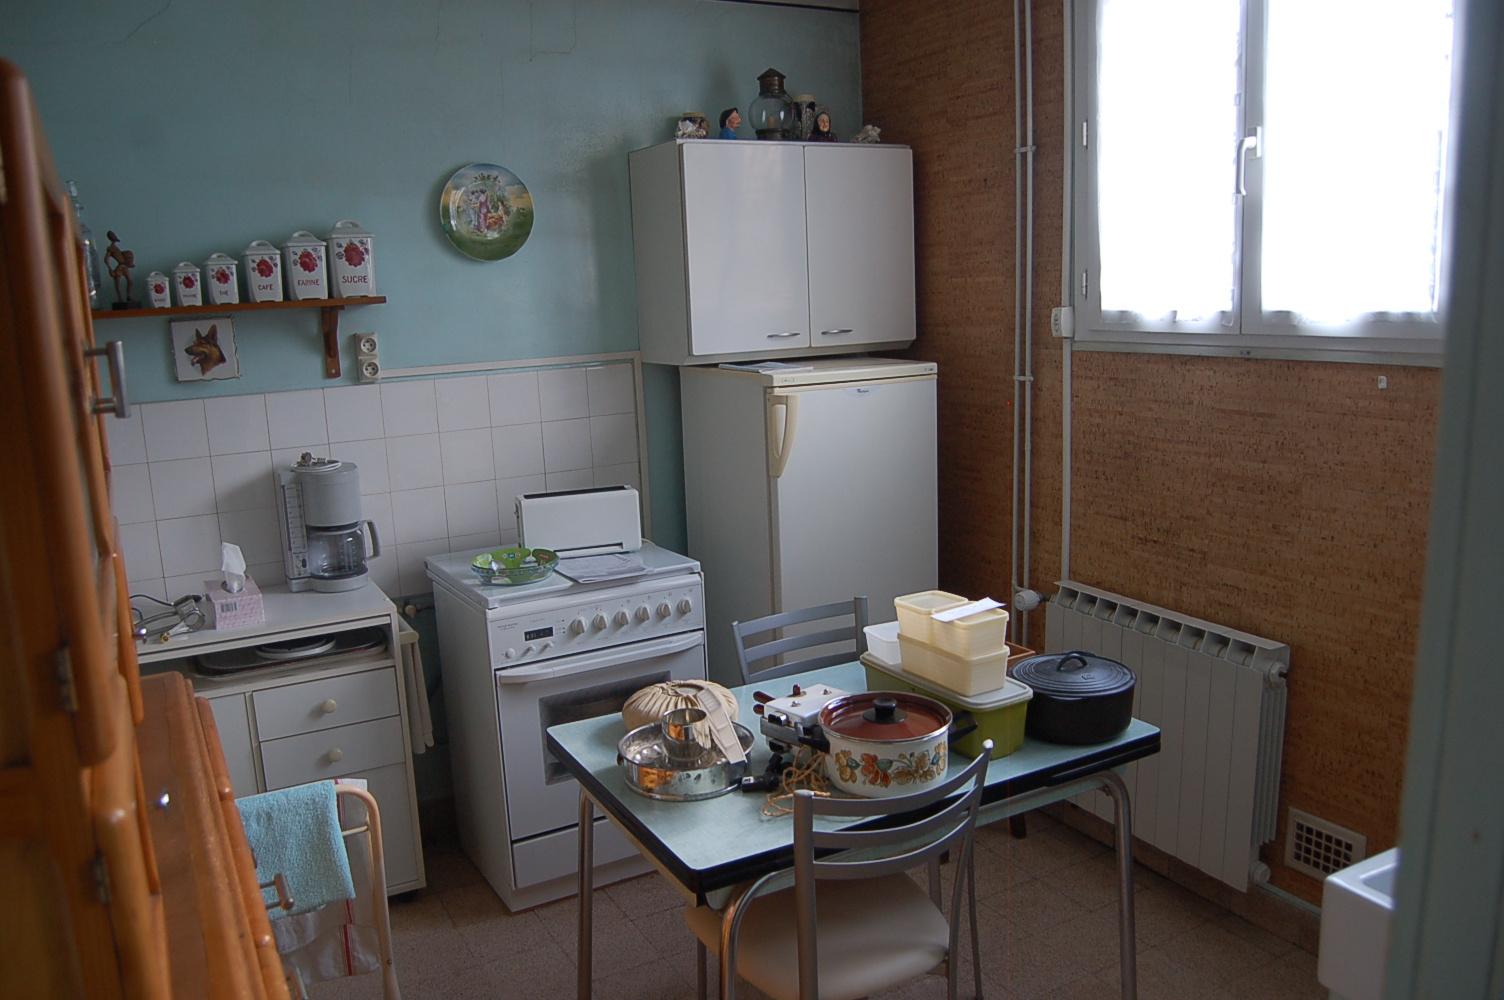 Vente maison/villa dijon